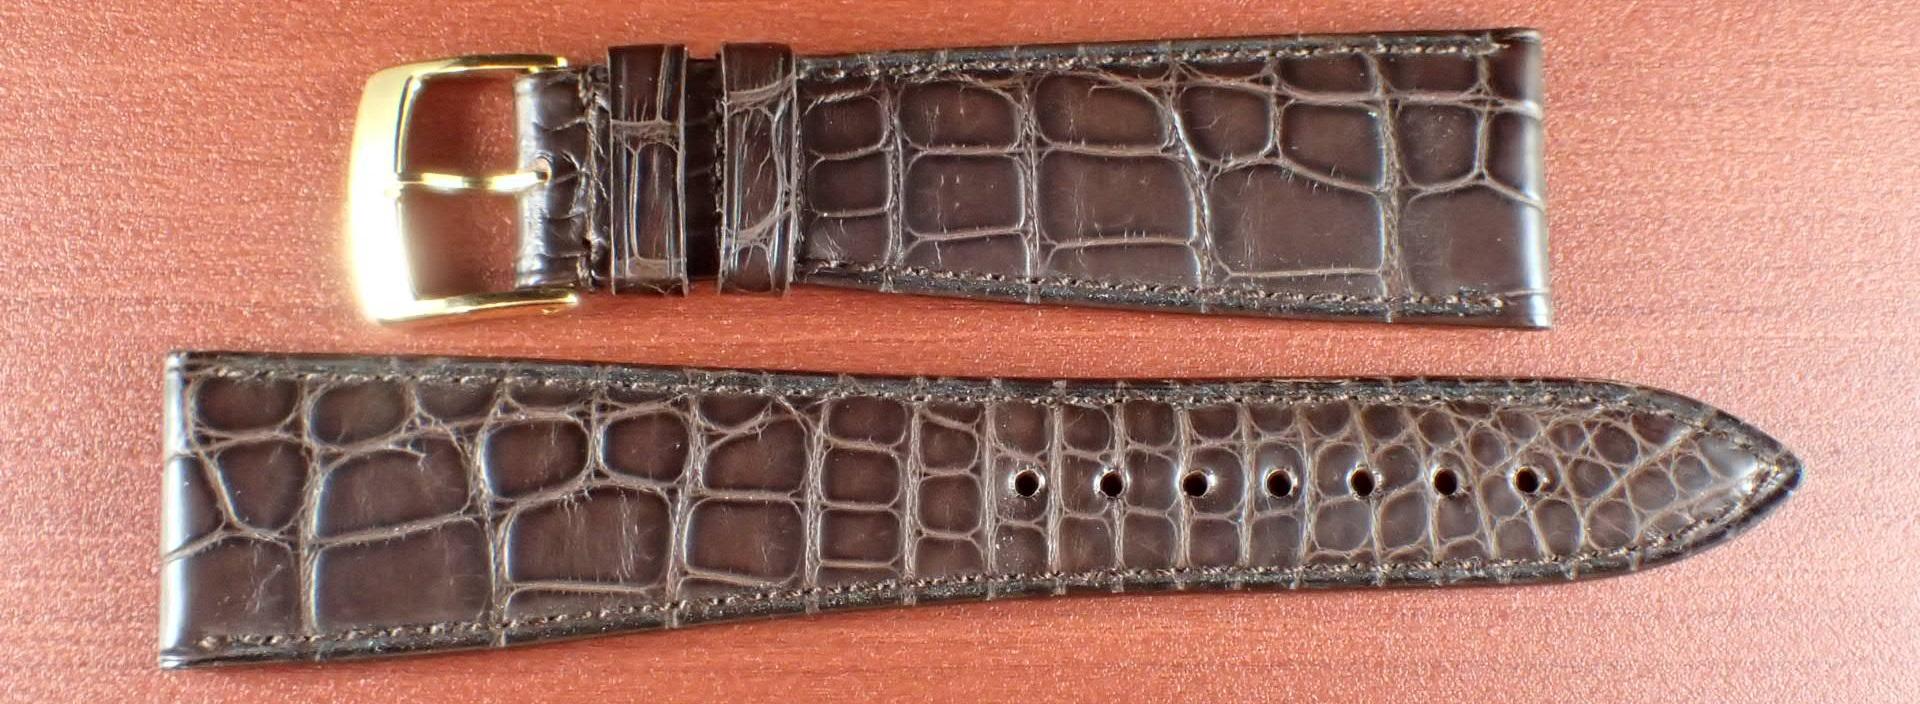 ジャン・クロード ペラン革ベルト(オールドペラン)クロコダイル ダークブラウン 22mm